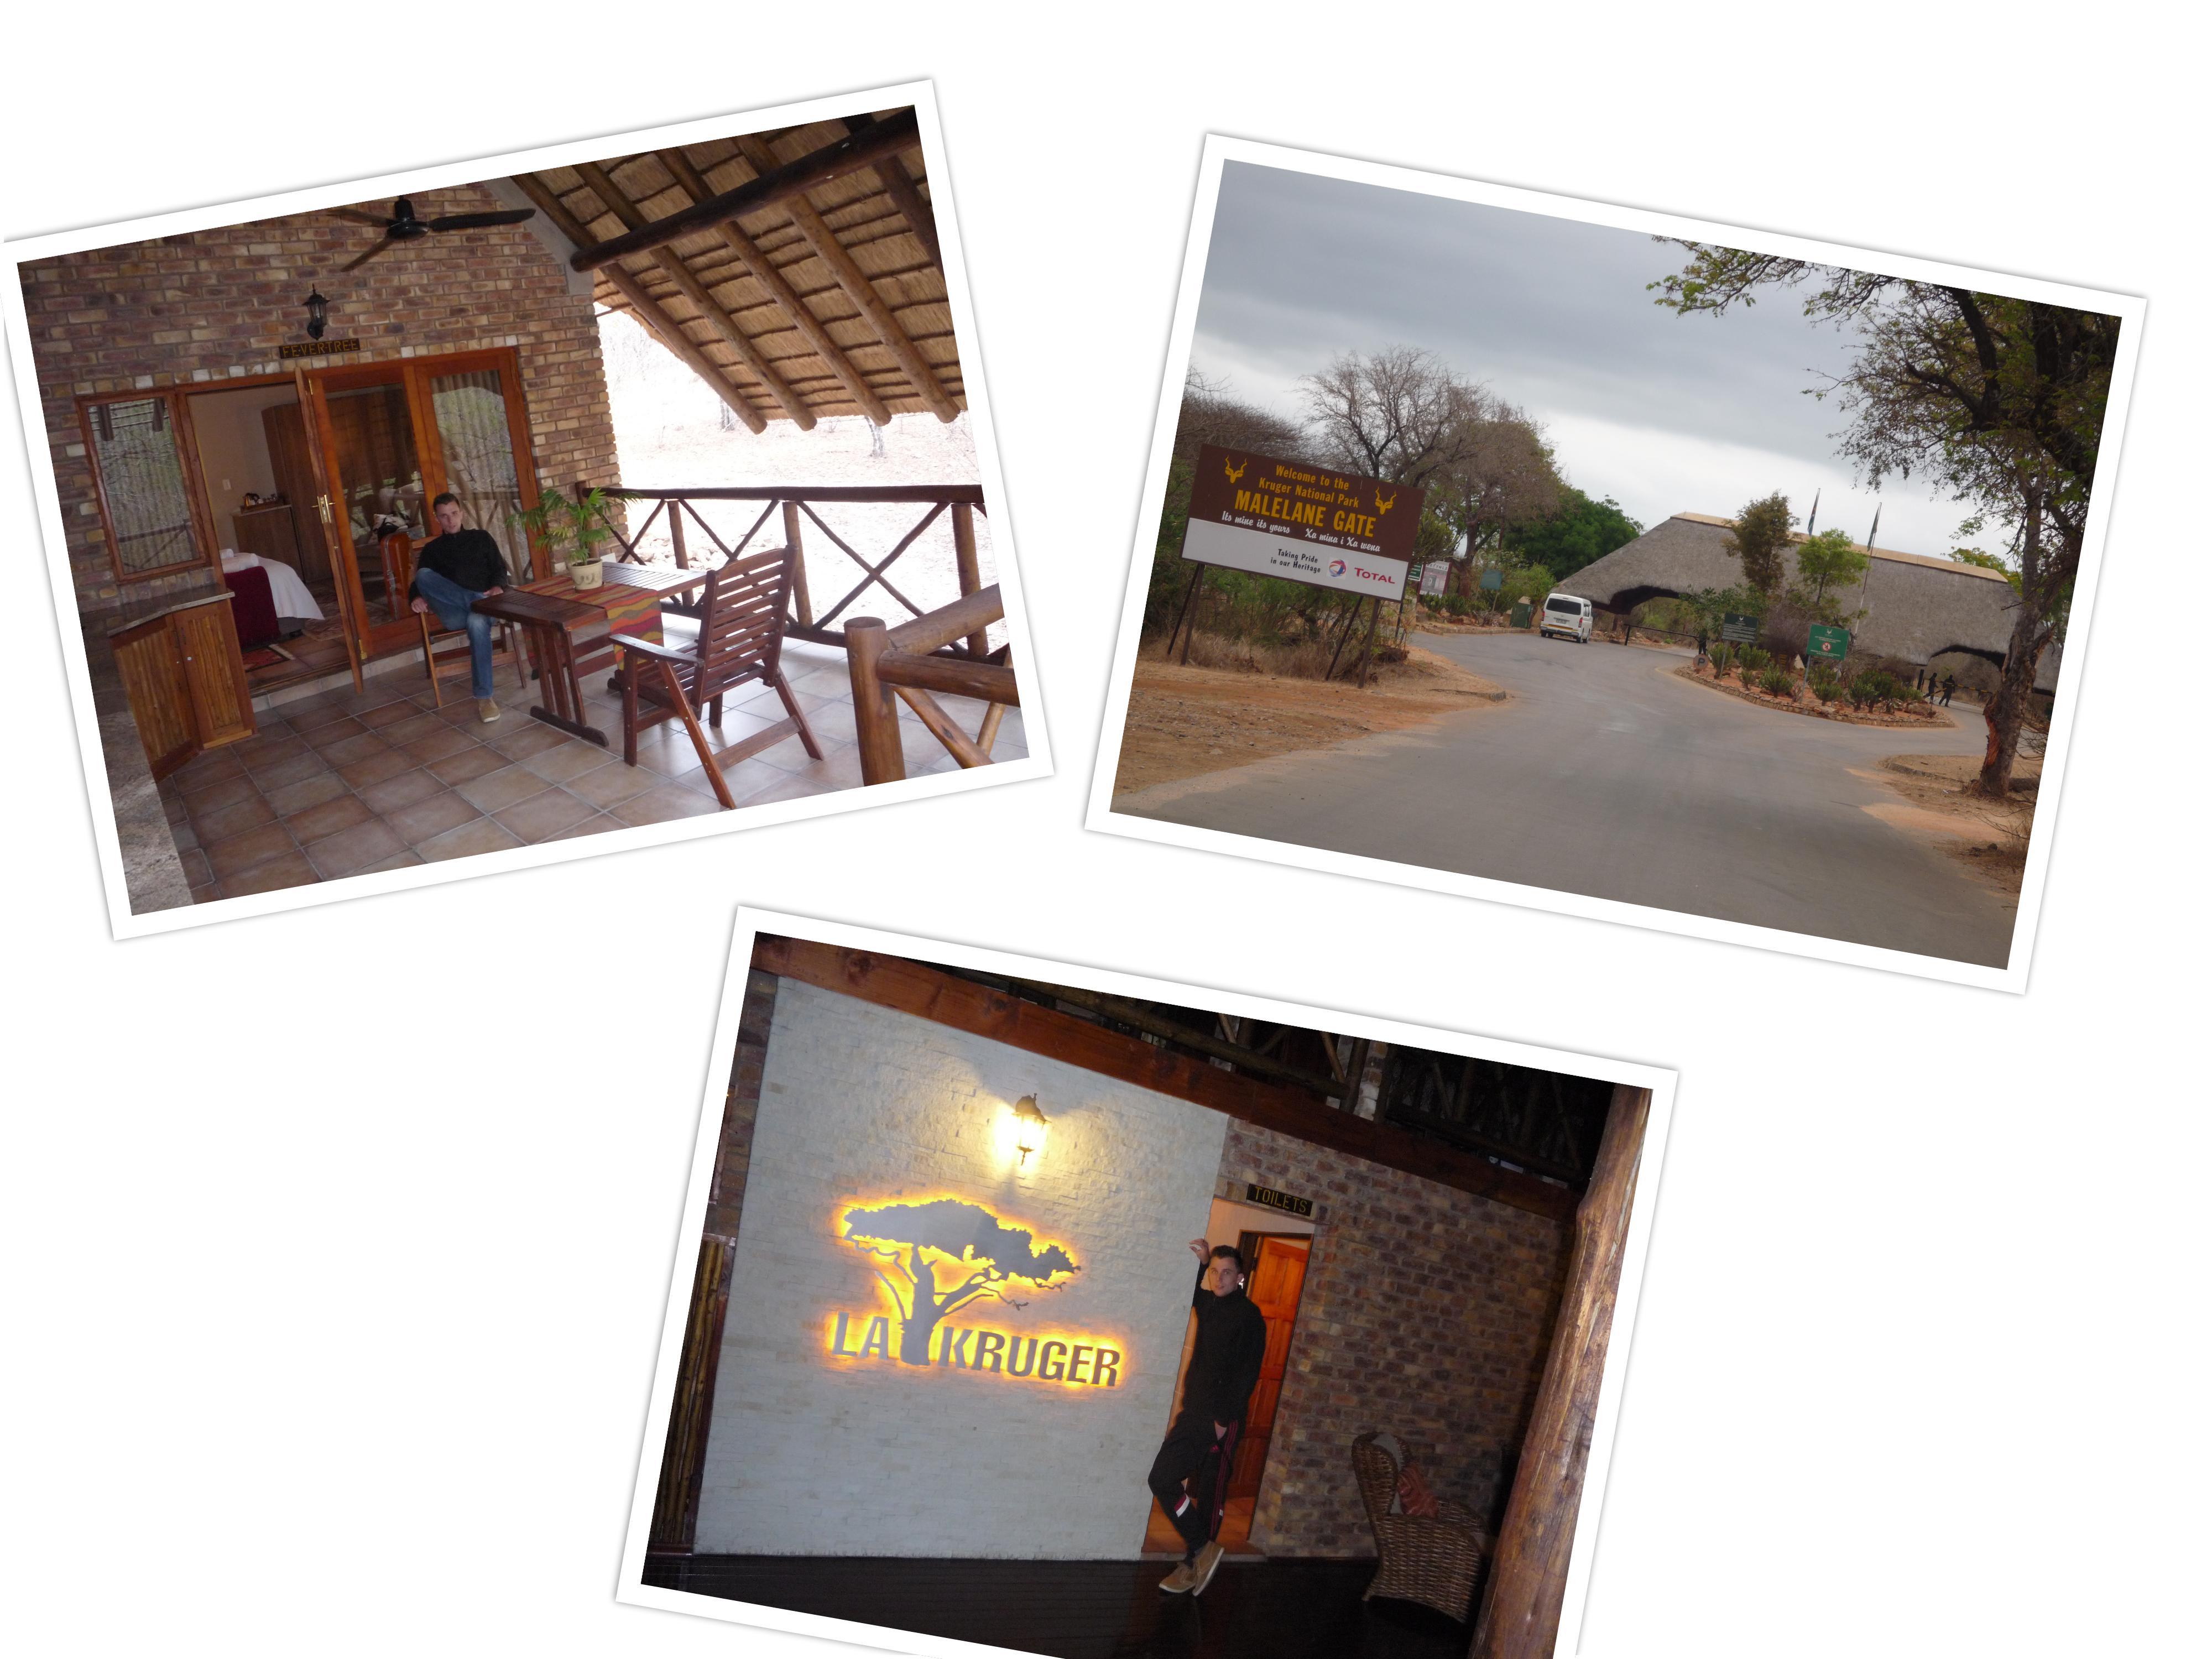 Van Moditlo naar La Kruger lodge. Prachtige locatie waar we het krugerpark bezochten in de ochtend. We zijn er maar 2,5 uur geweest, maar vonden wel de luipaard! De big five was dus compleet!